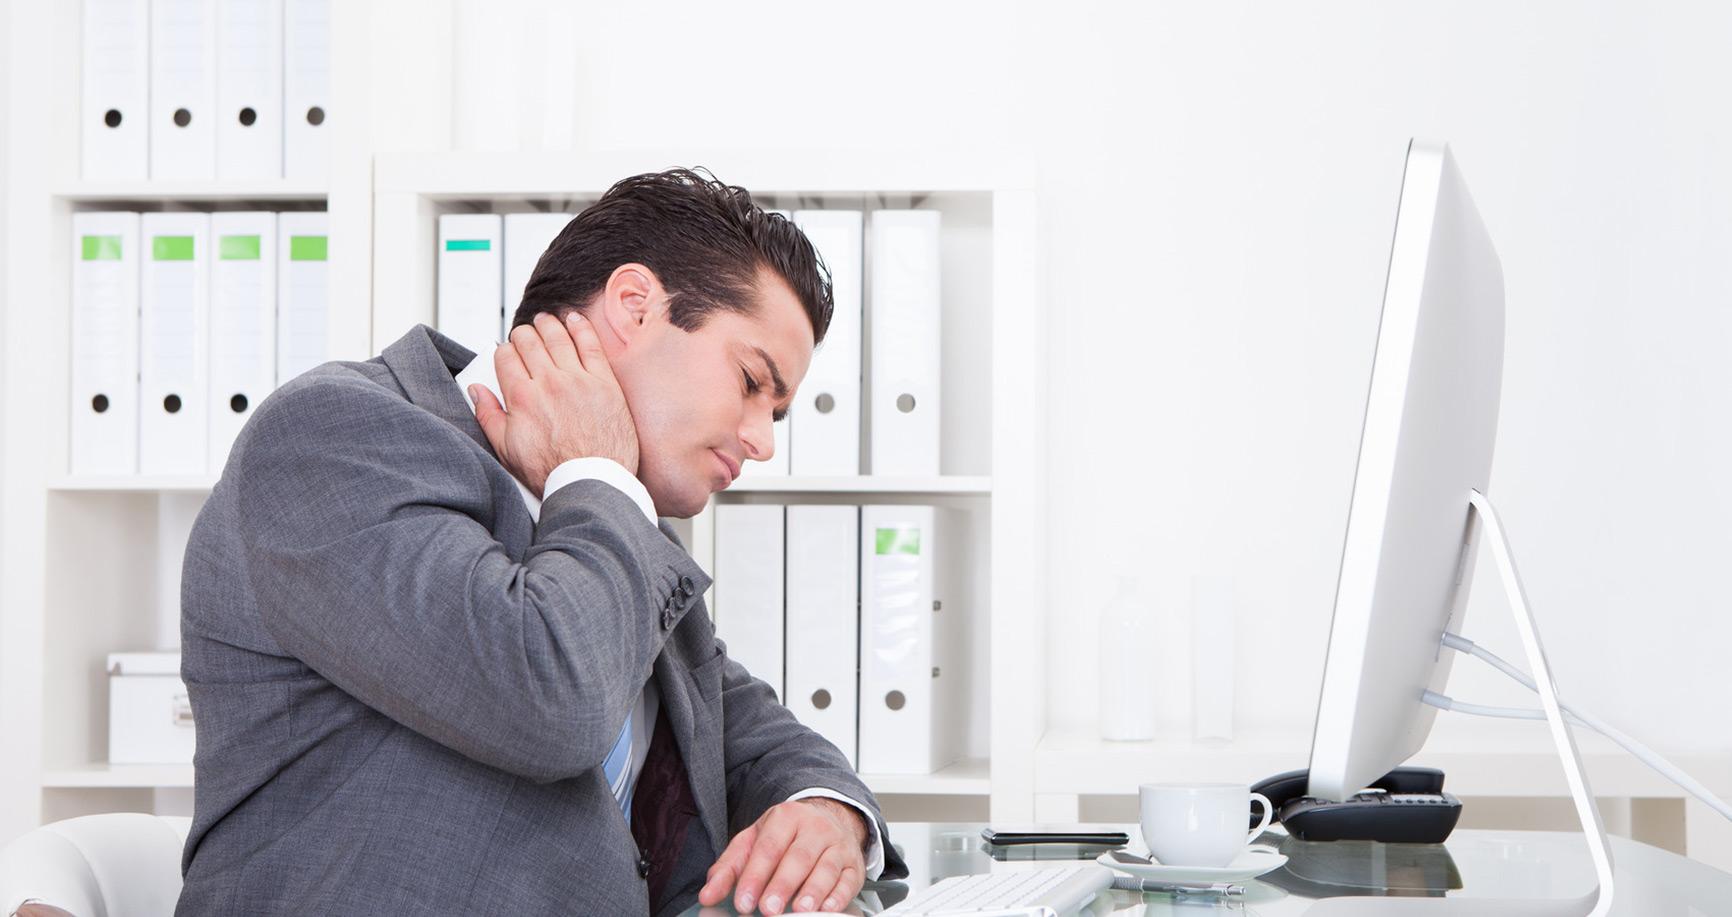 Comment Améliorer Votre Posture Au Bureau En 12 Gestes Faciles